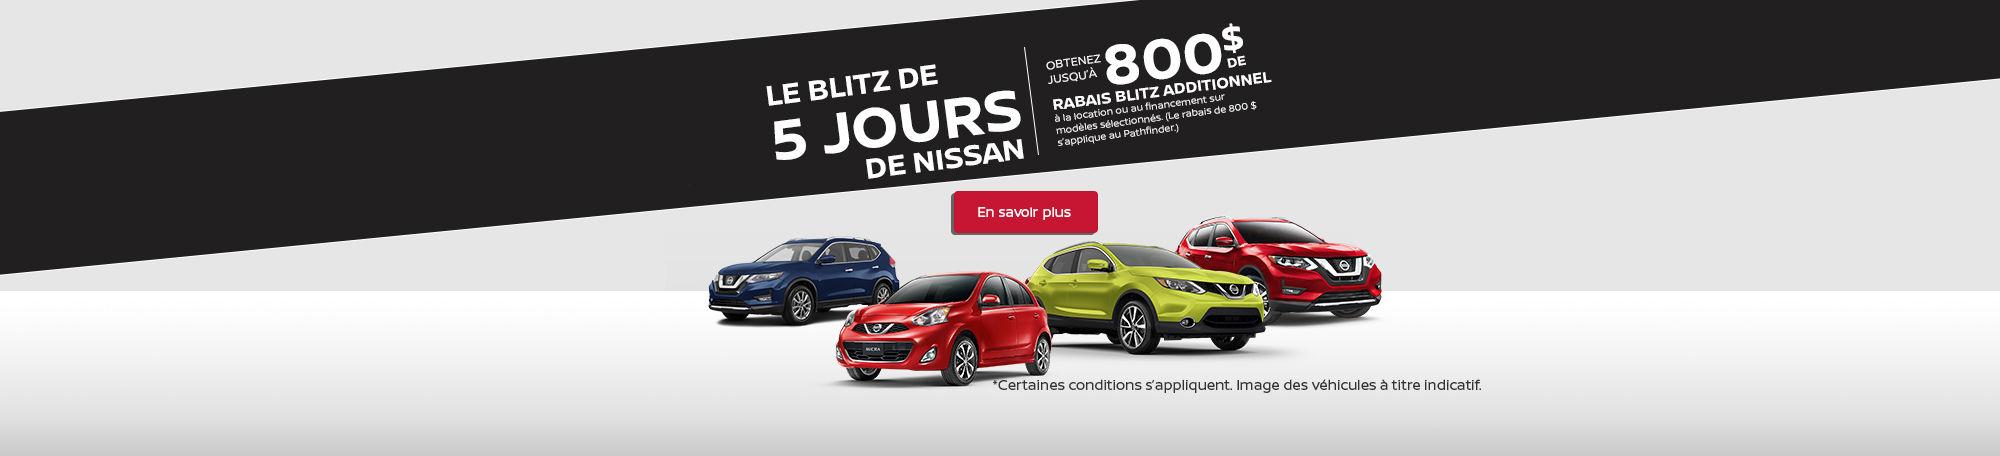 Événement mon choix de Nissan